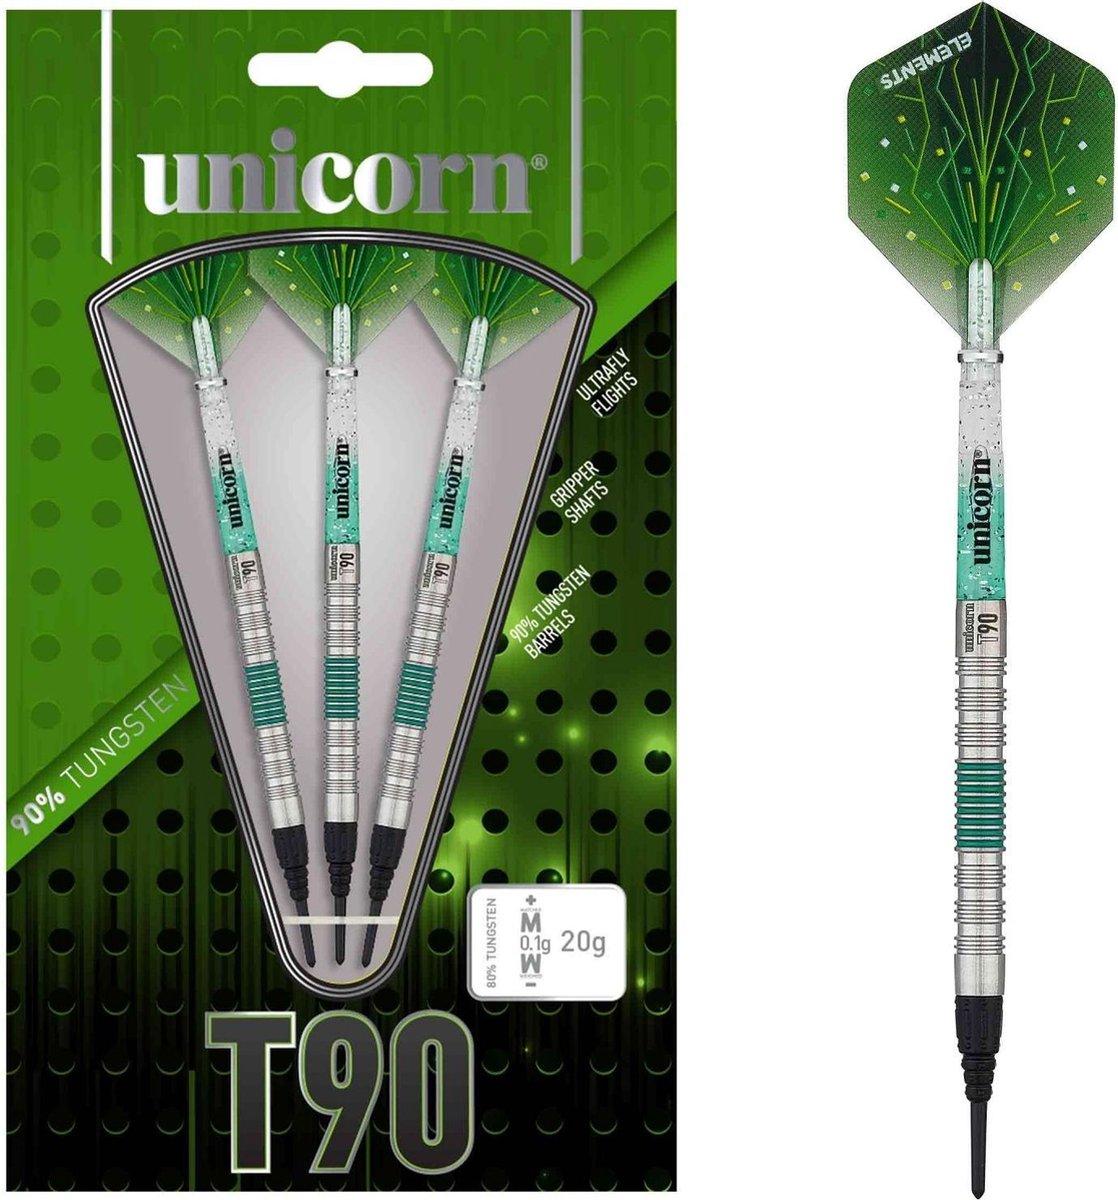 Unicorn Dartpijlen Core Xl T90 Softtip 19g Tungsten Zilver